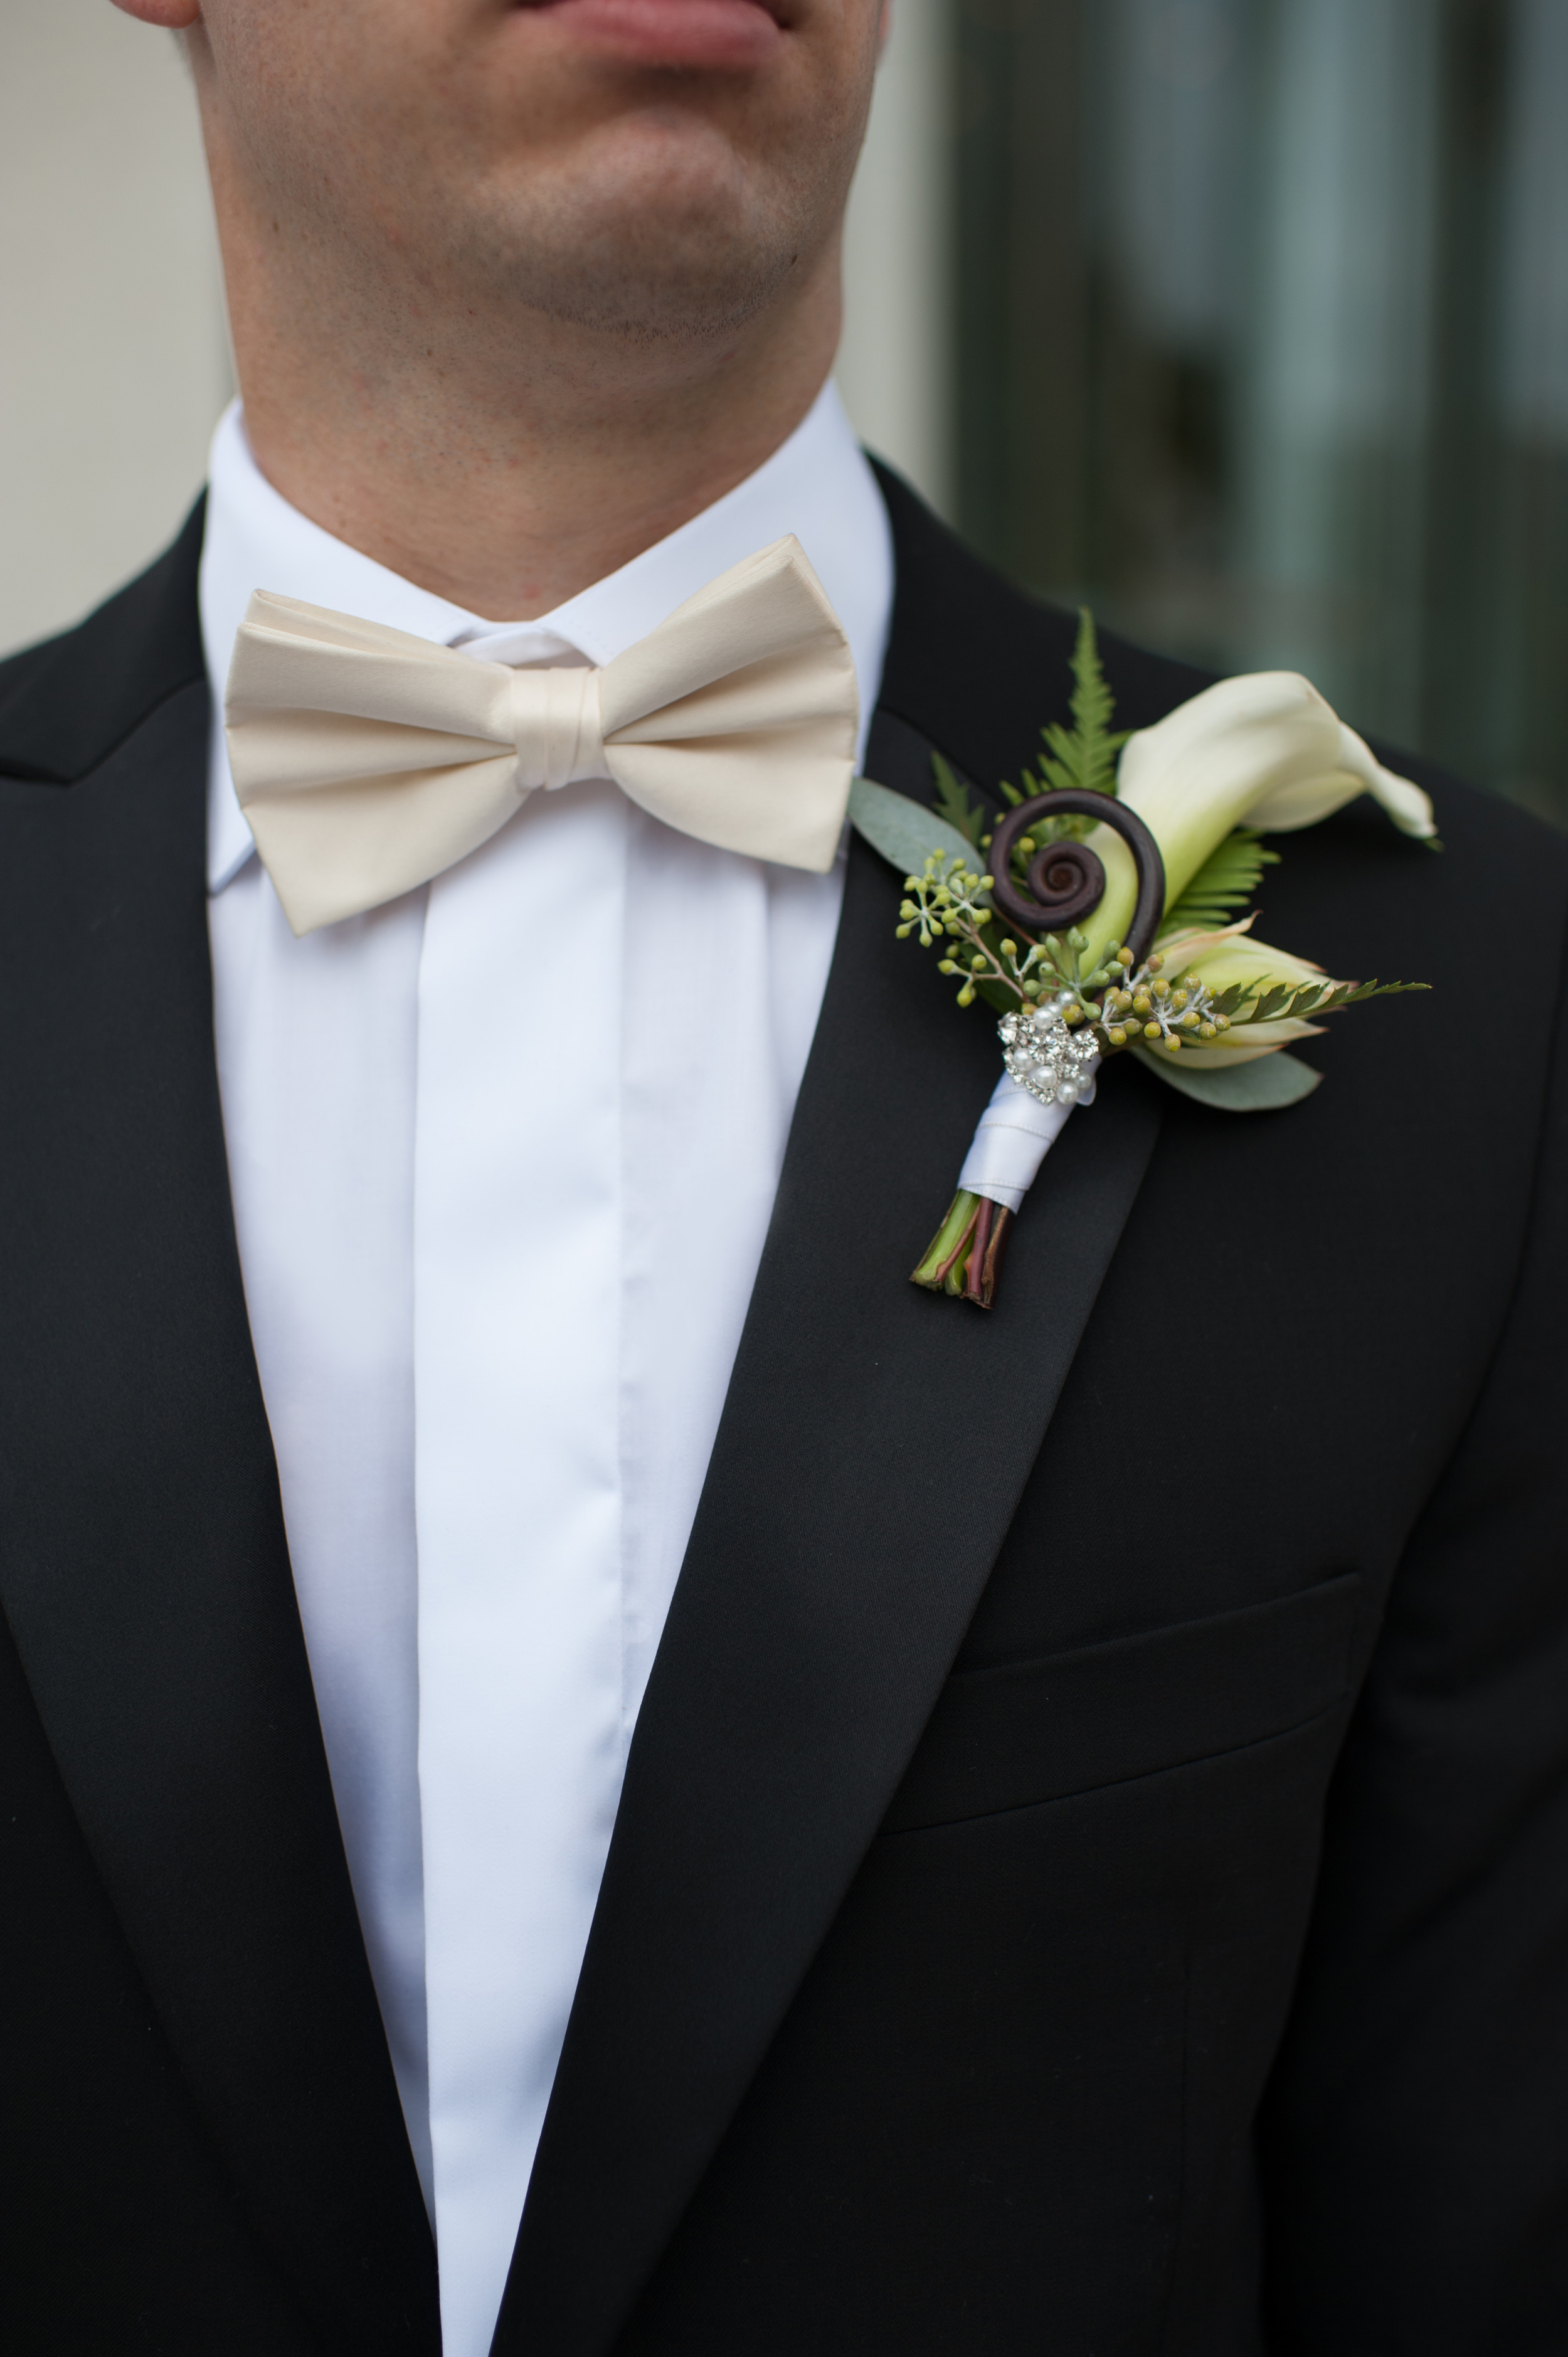 Acowsay_Cinema_MN_Wedding_Groom_Boutineer.jpg